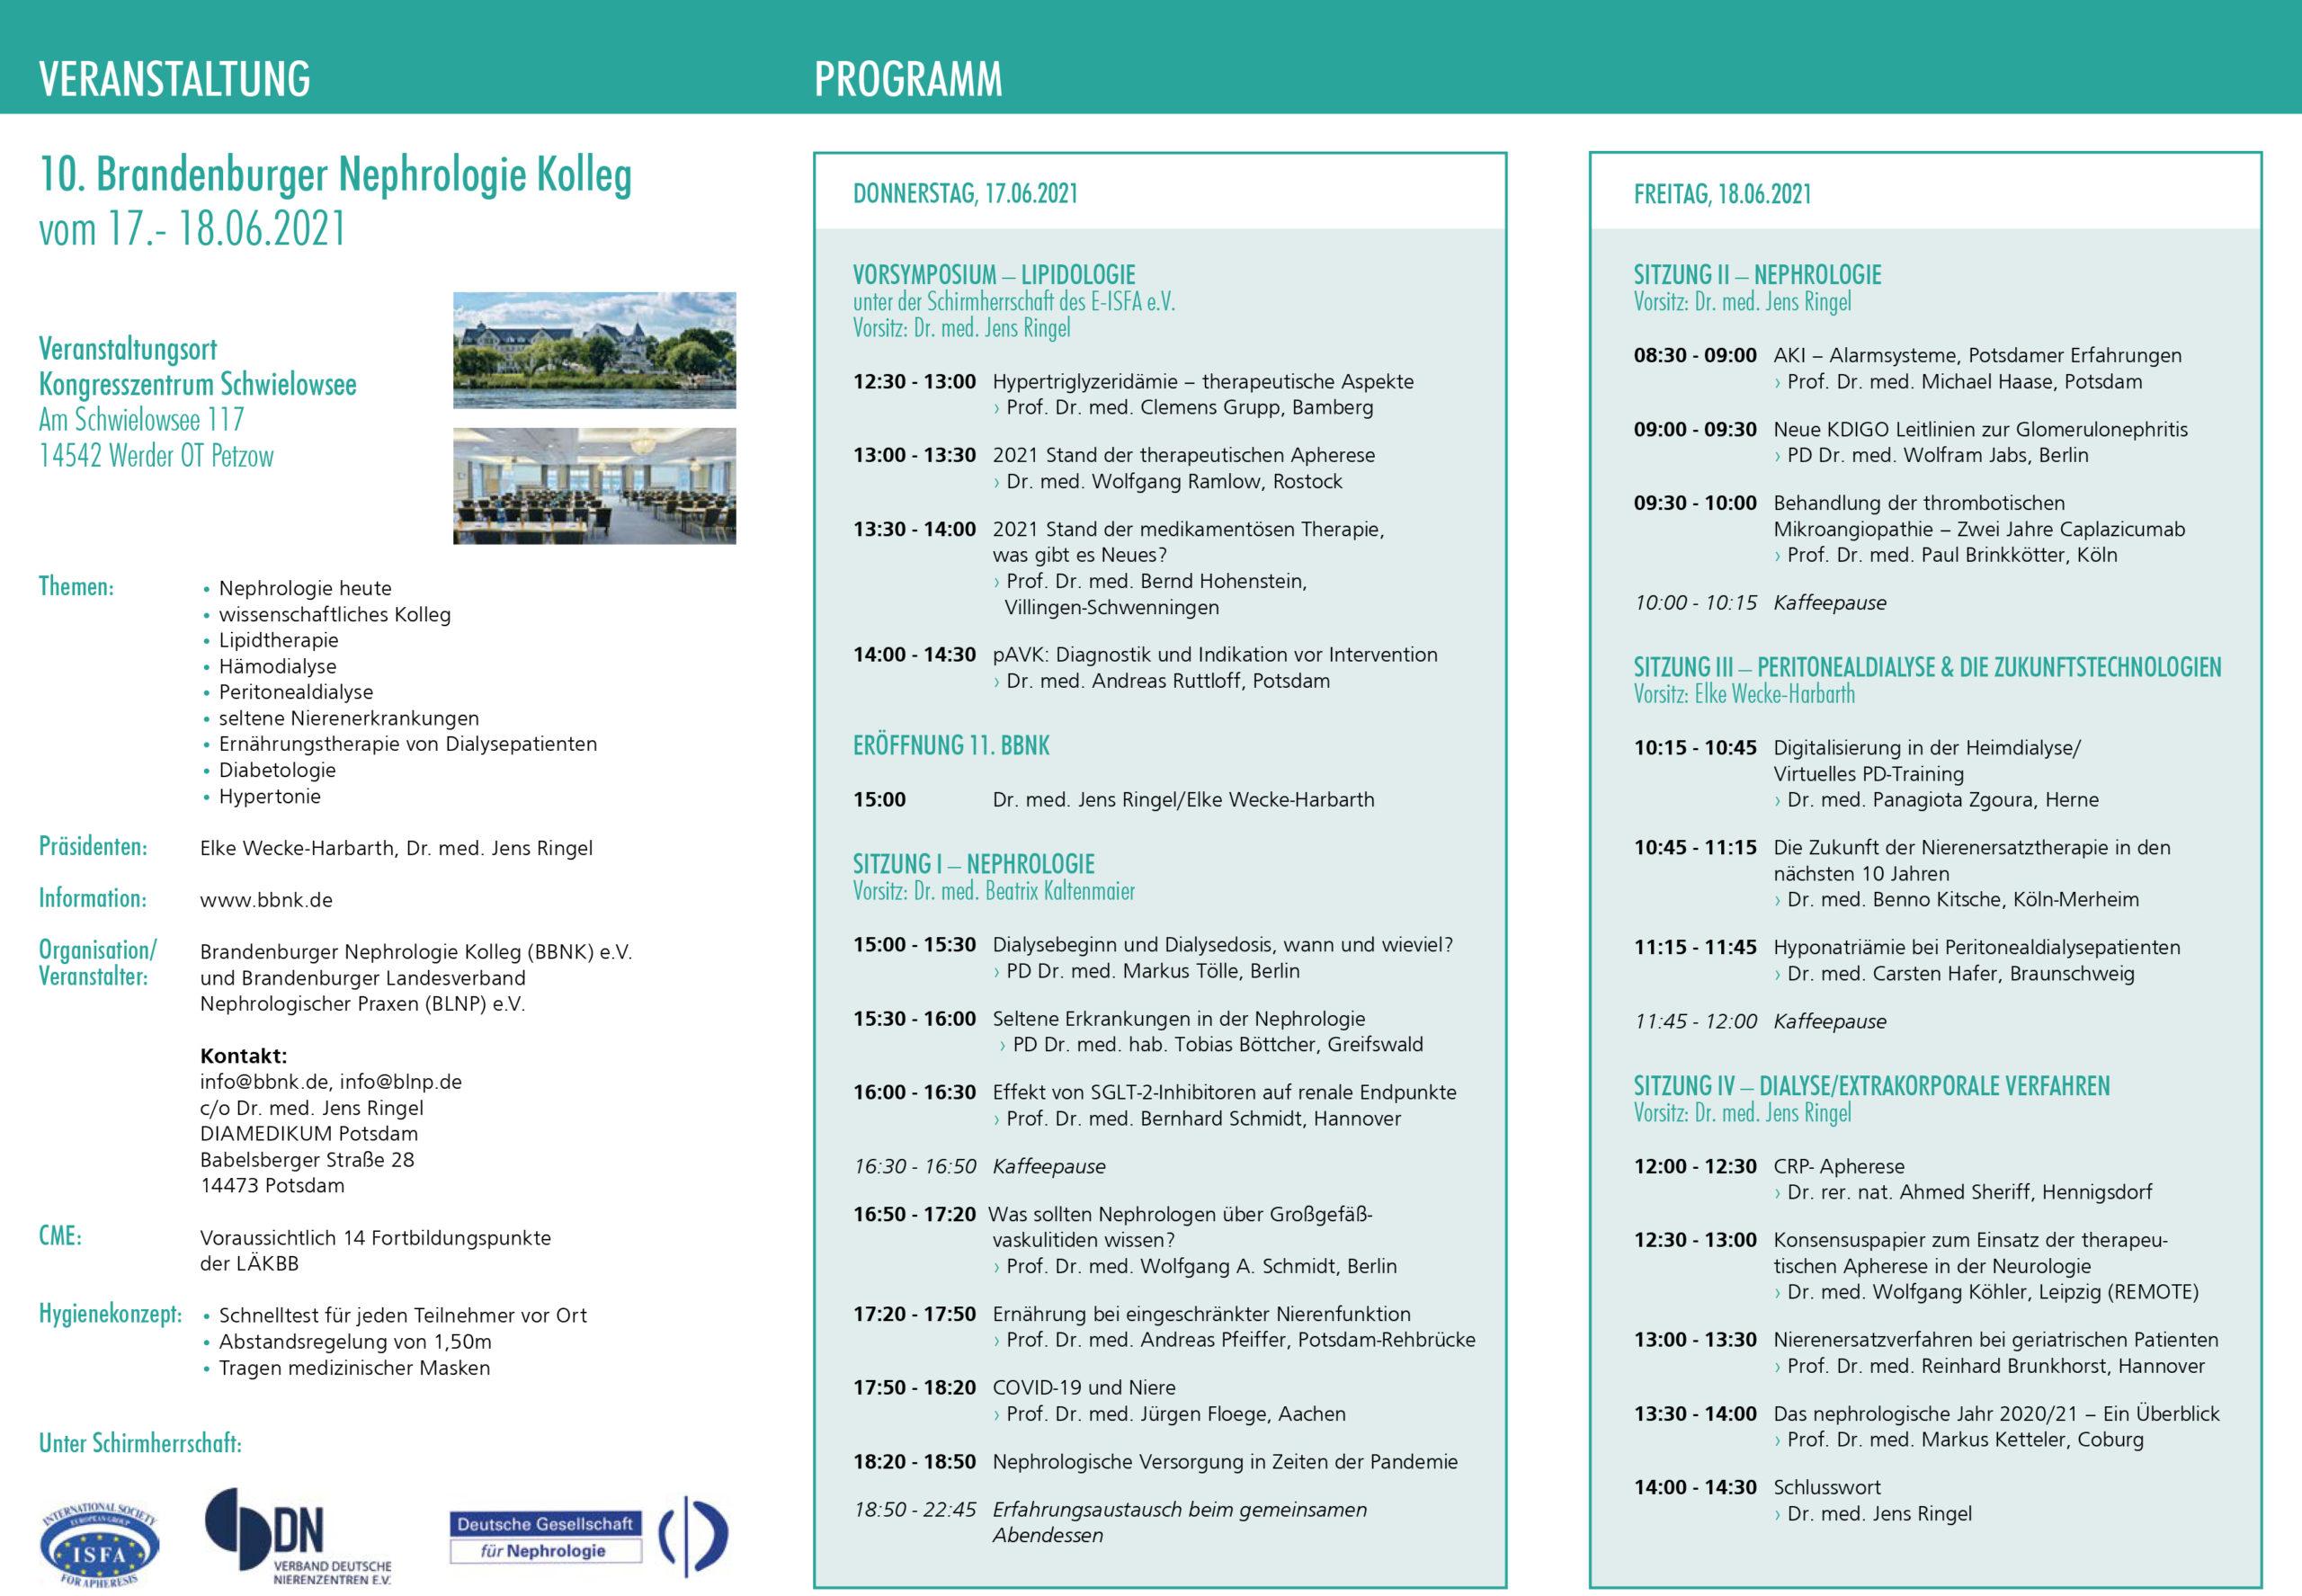 Veranstaltungsplan BBNK 2021